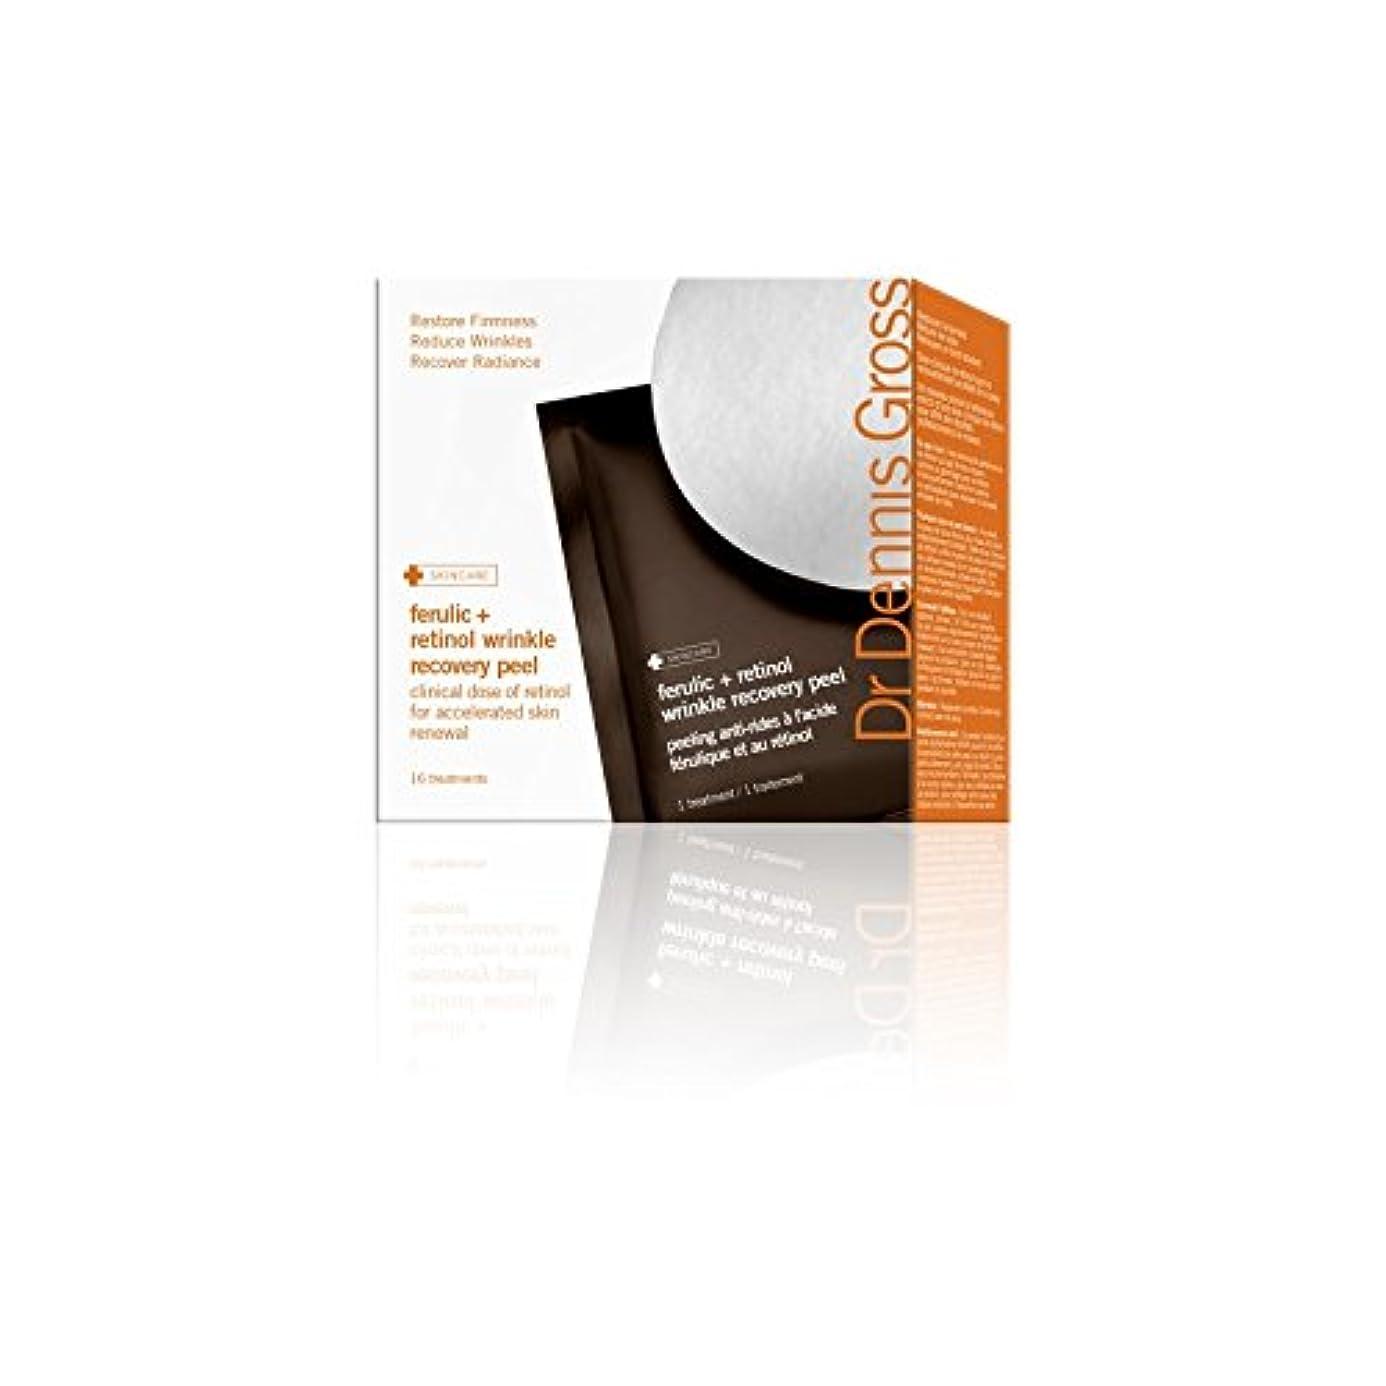 甘美なパノラマバインドデニース?グロスフェルラとレチノールしわ回復の皮(16パック) x4 - Dr Dennis Gross Ferulic And Retinol Wrinkle Recovery Peel (16 Pack) (Pack of 4) [並行輸入品]